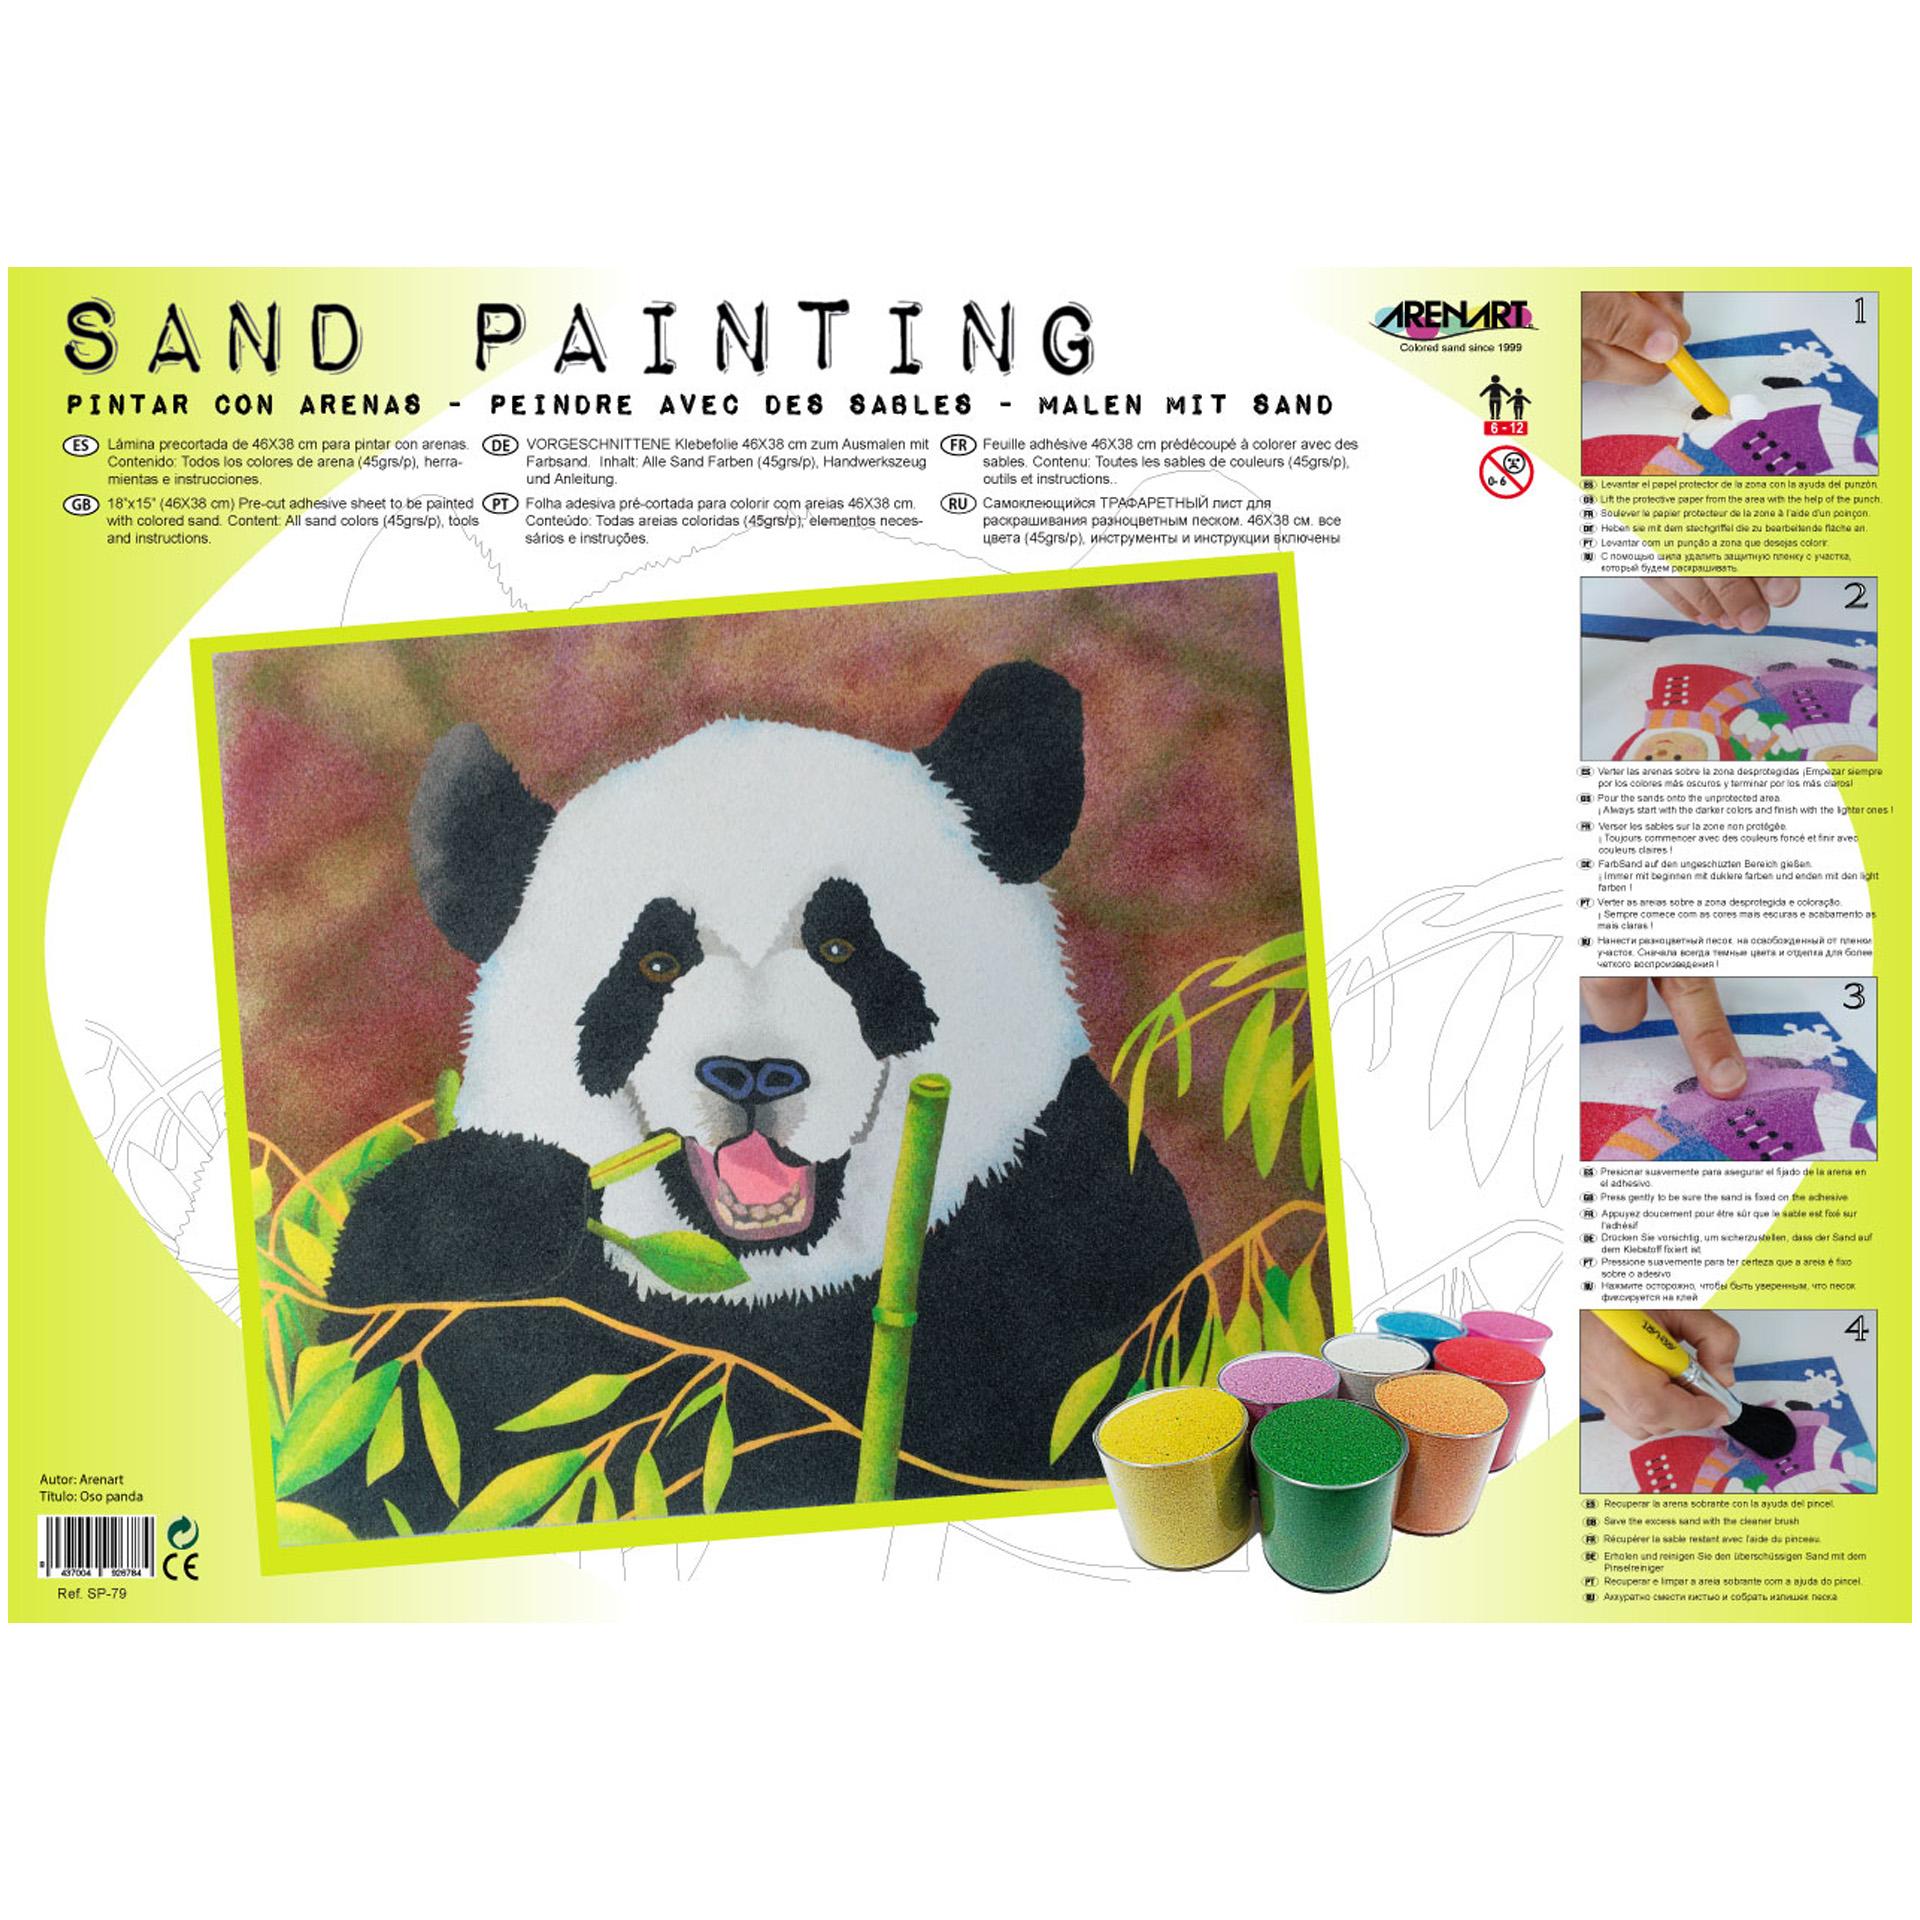 Comprar kits Arenart para pintar con arenas de colores | EARENART